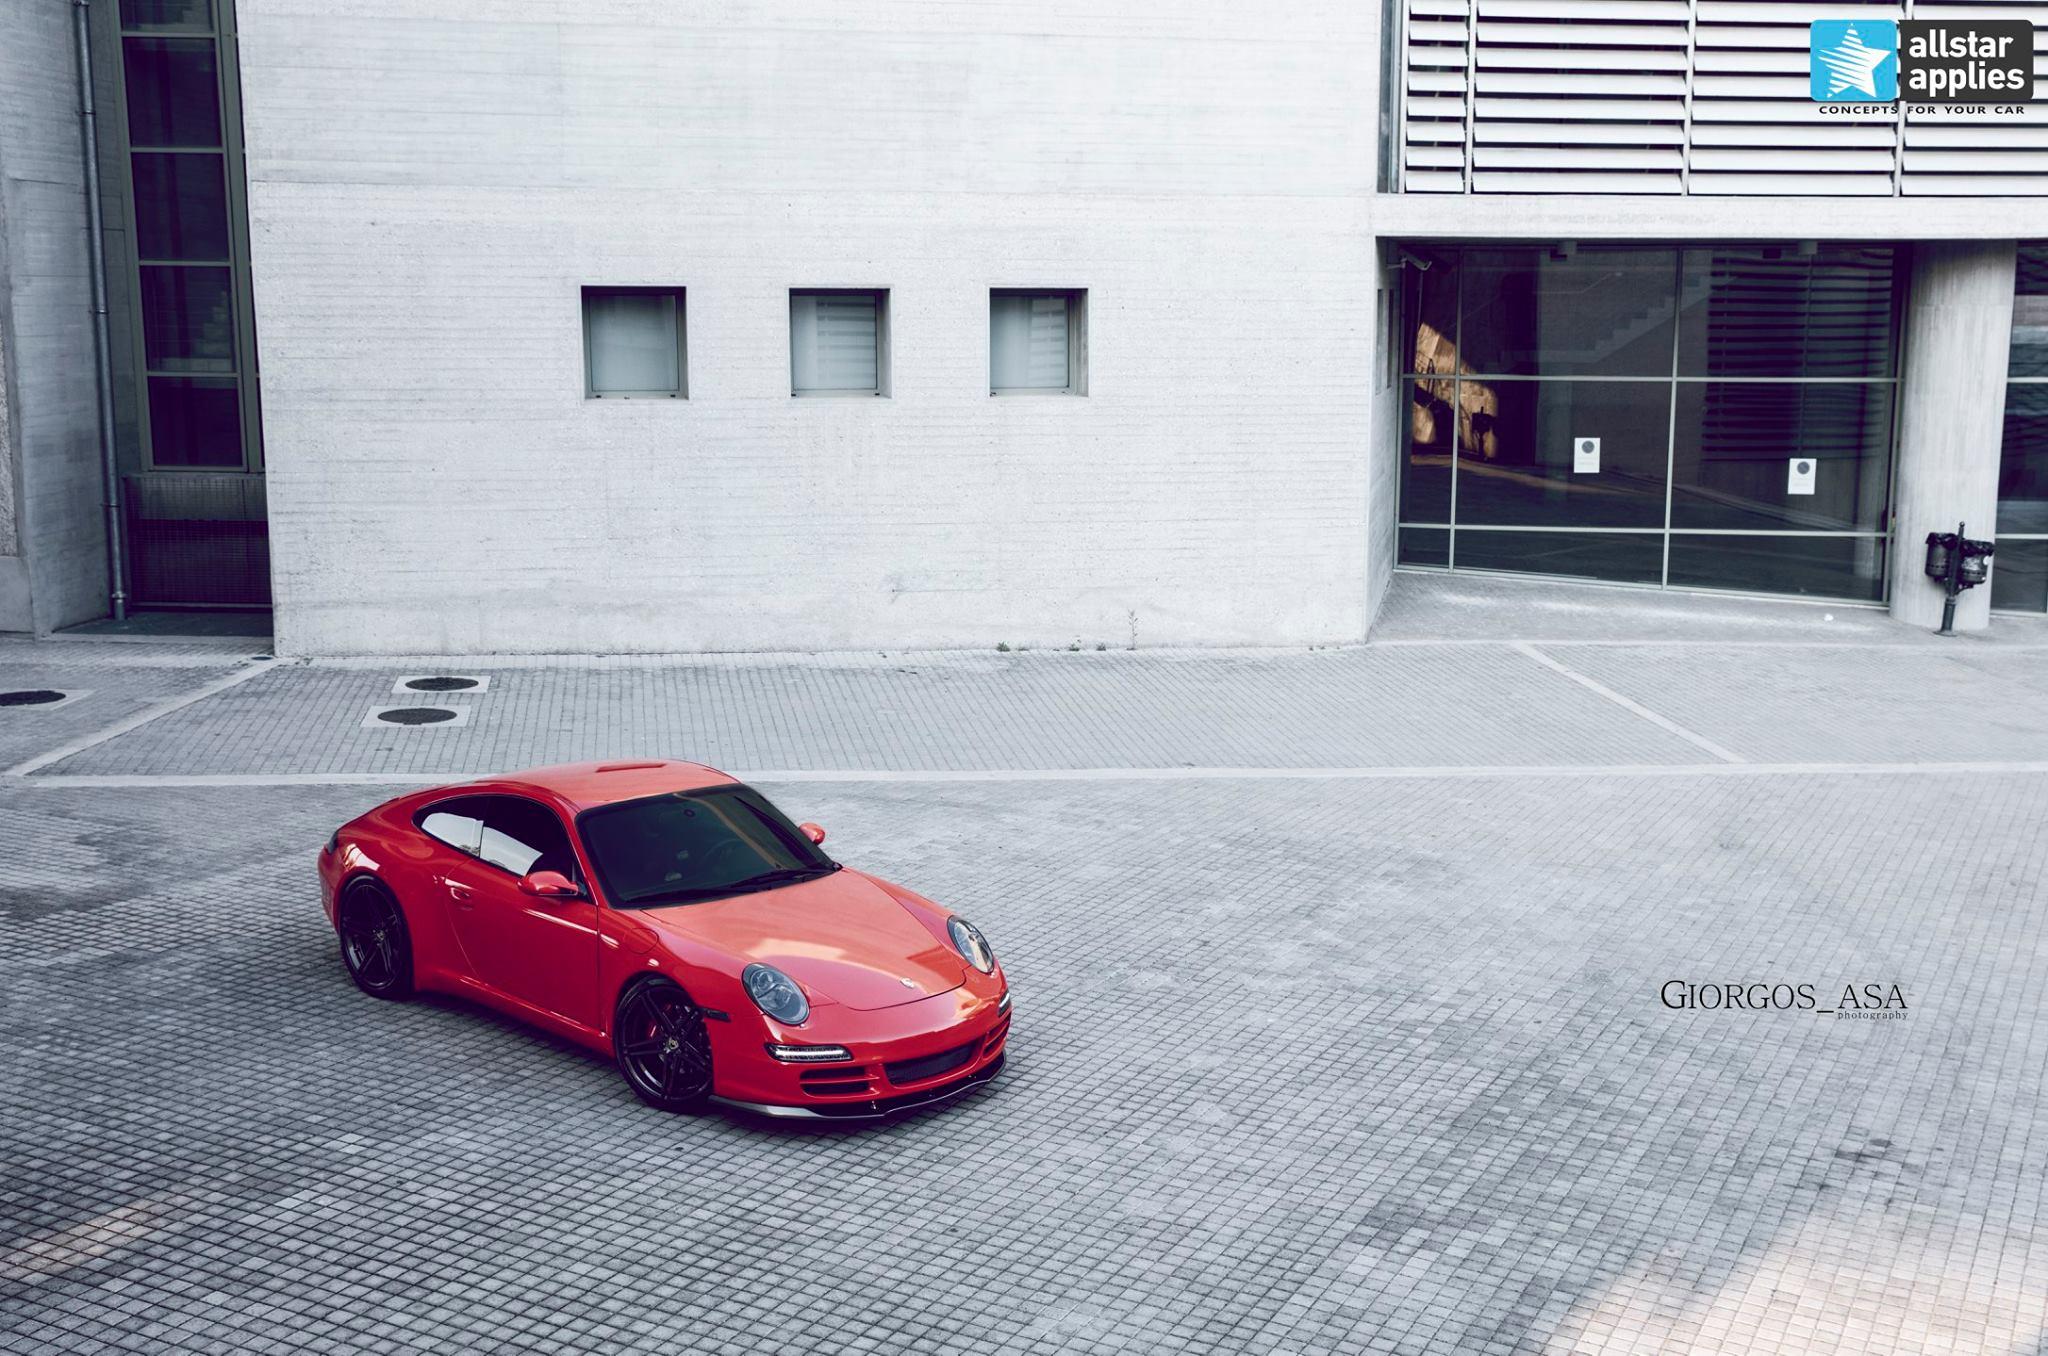 Porsche Carrera 4S - Redhot Gloss (1)